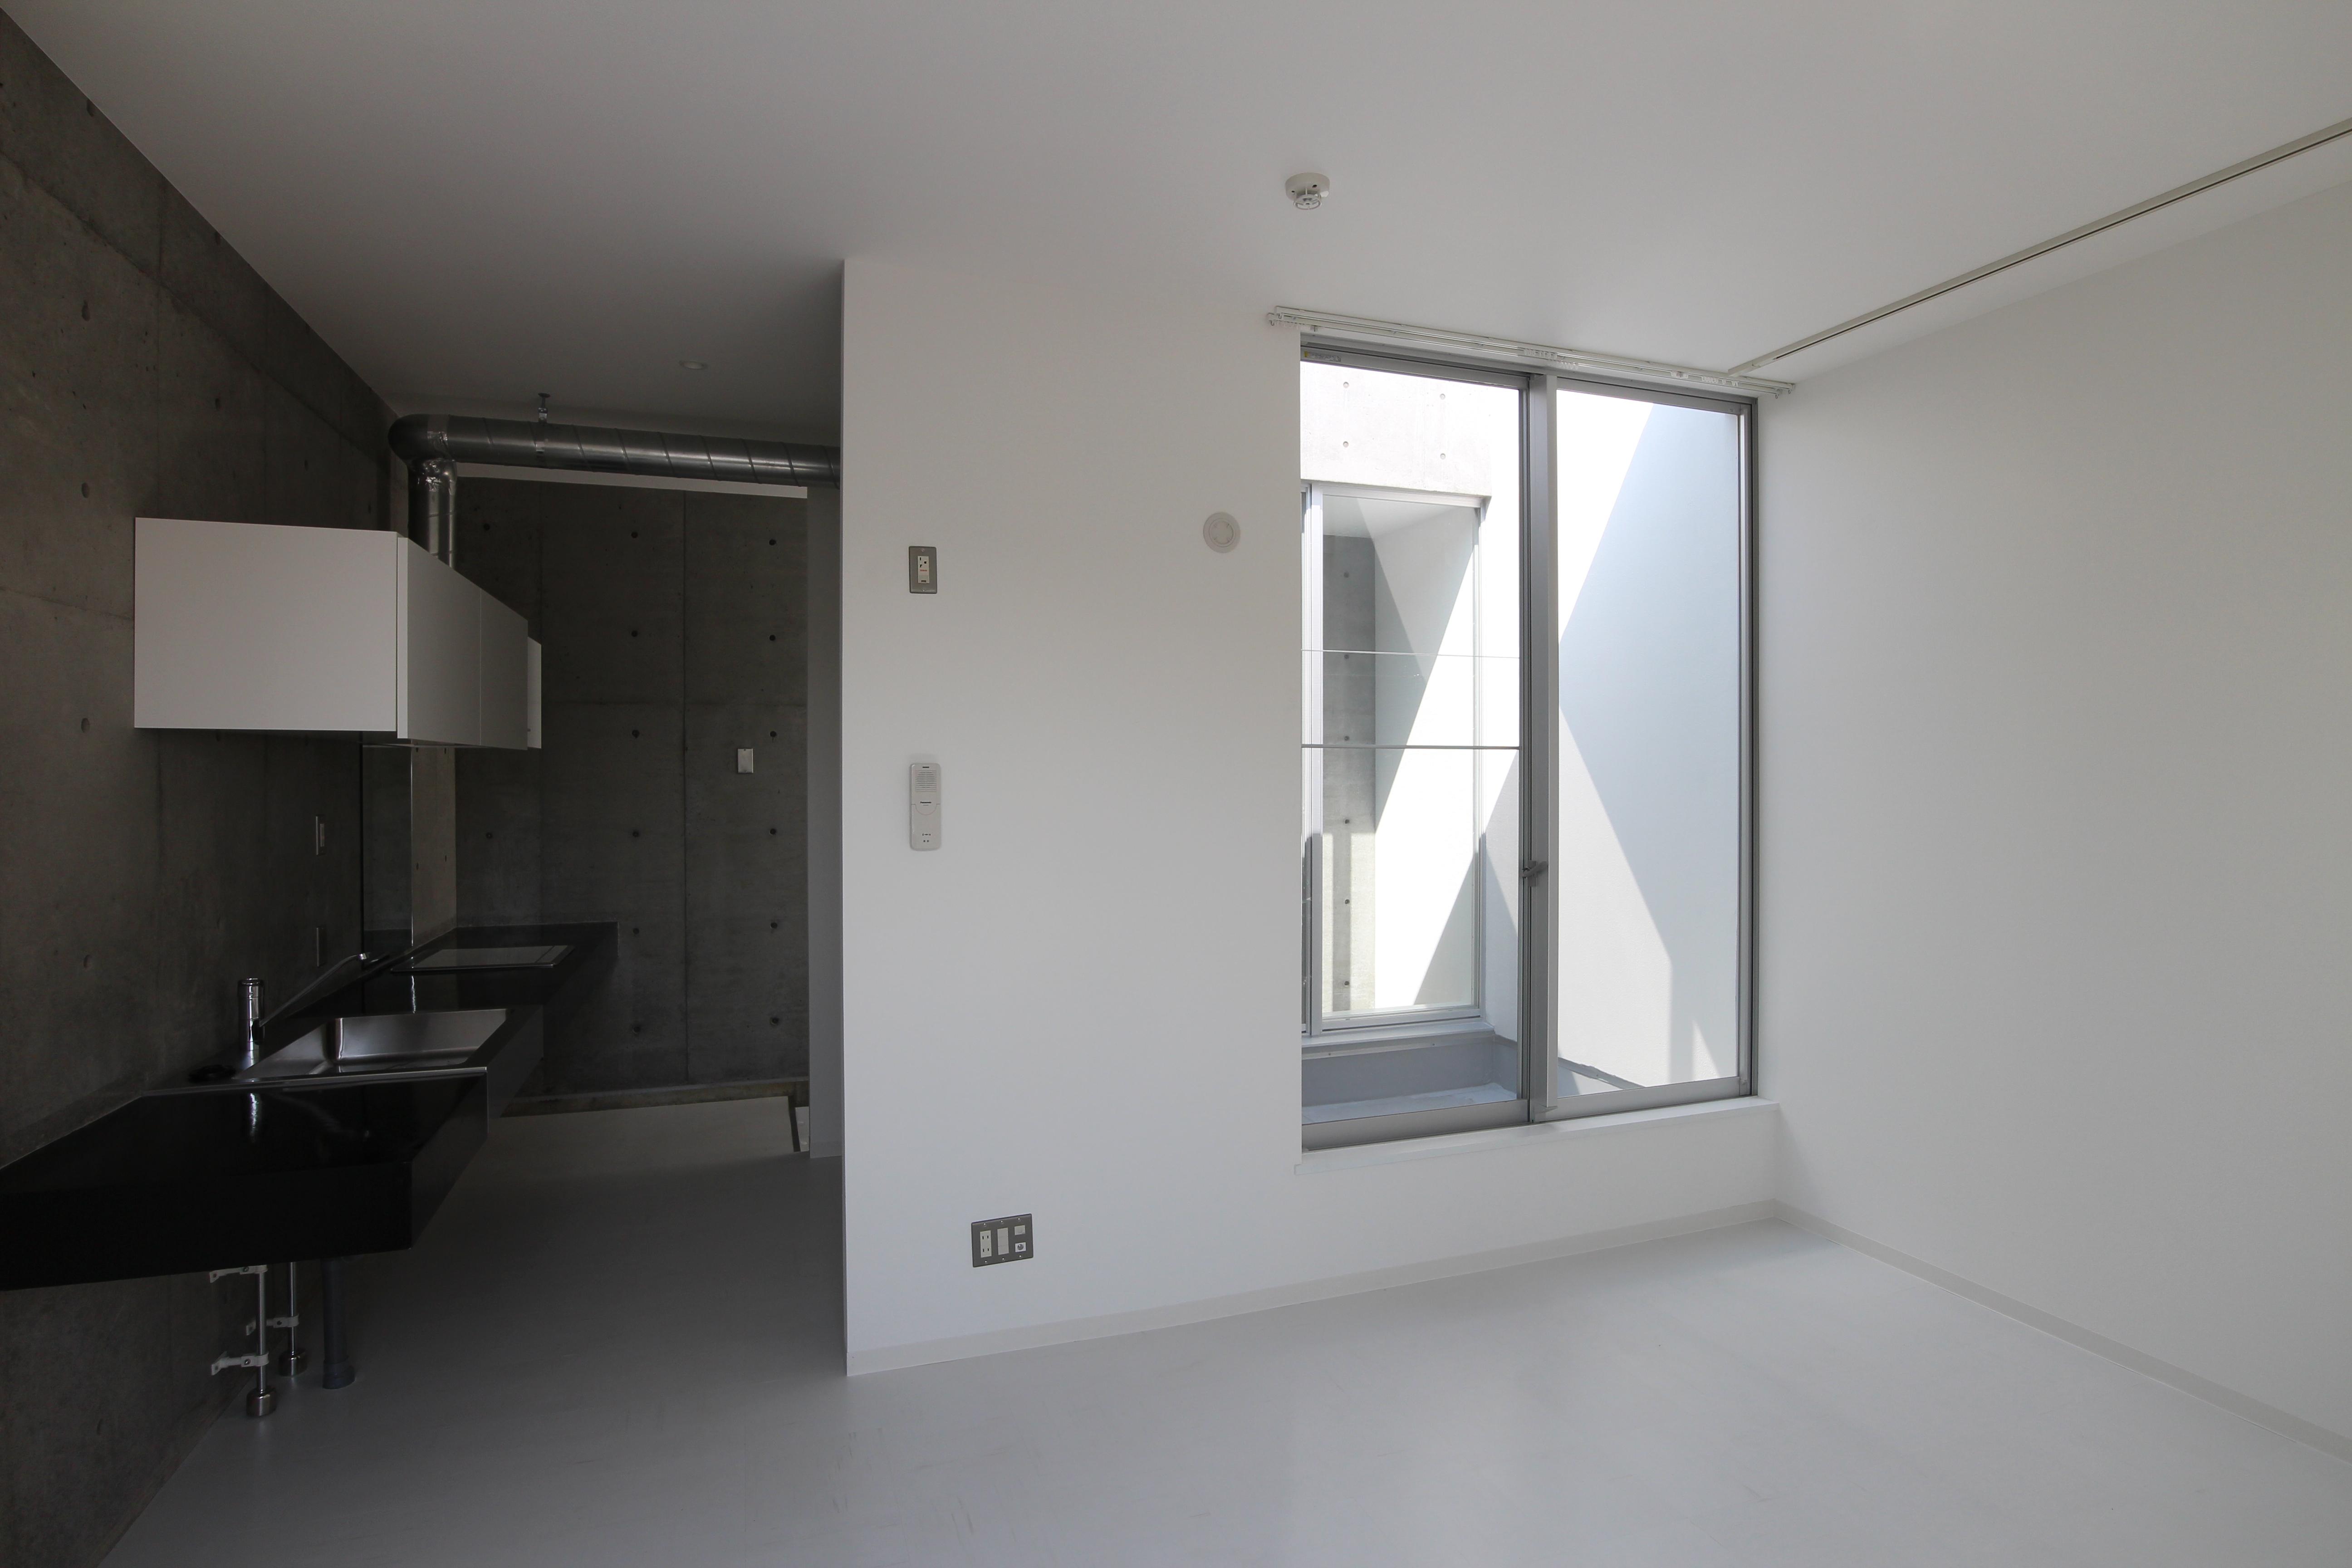 真っ白な床に壁、コンクリの打ちっぱなしの不思議な空間。05-1